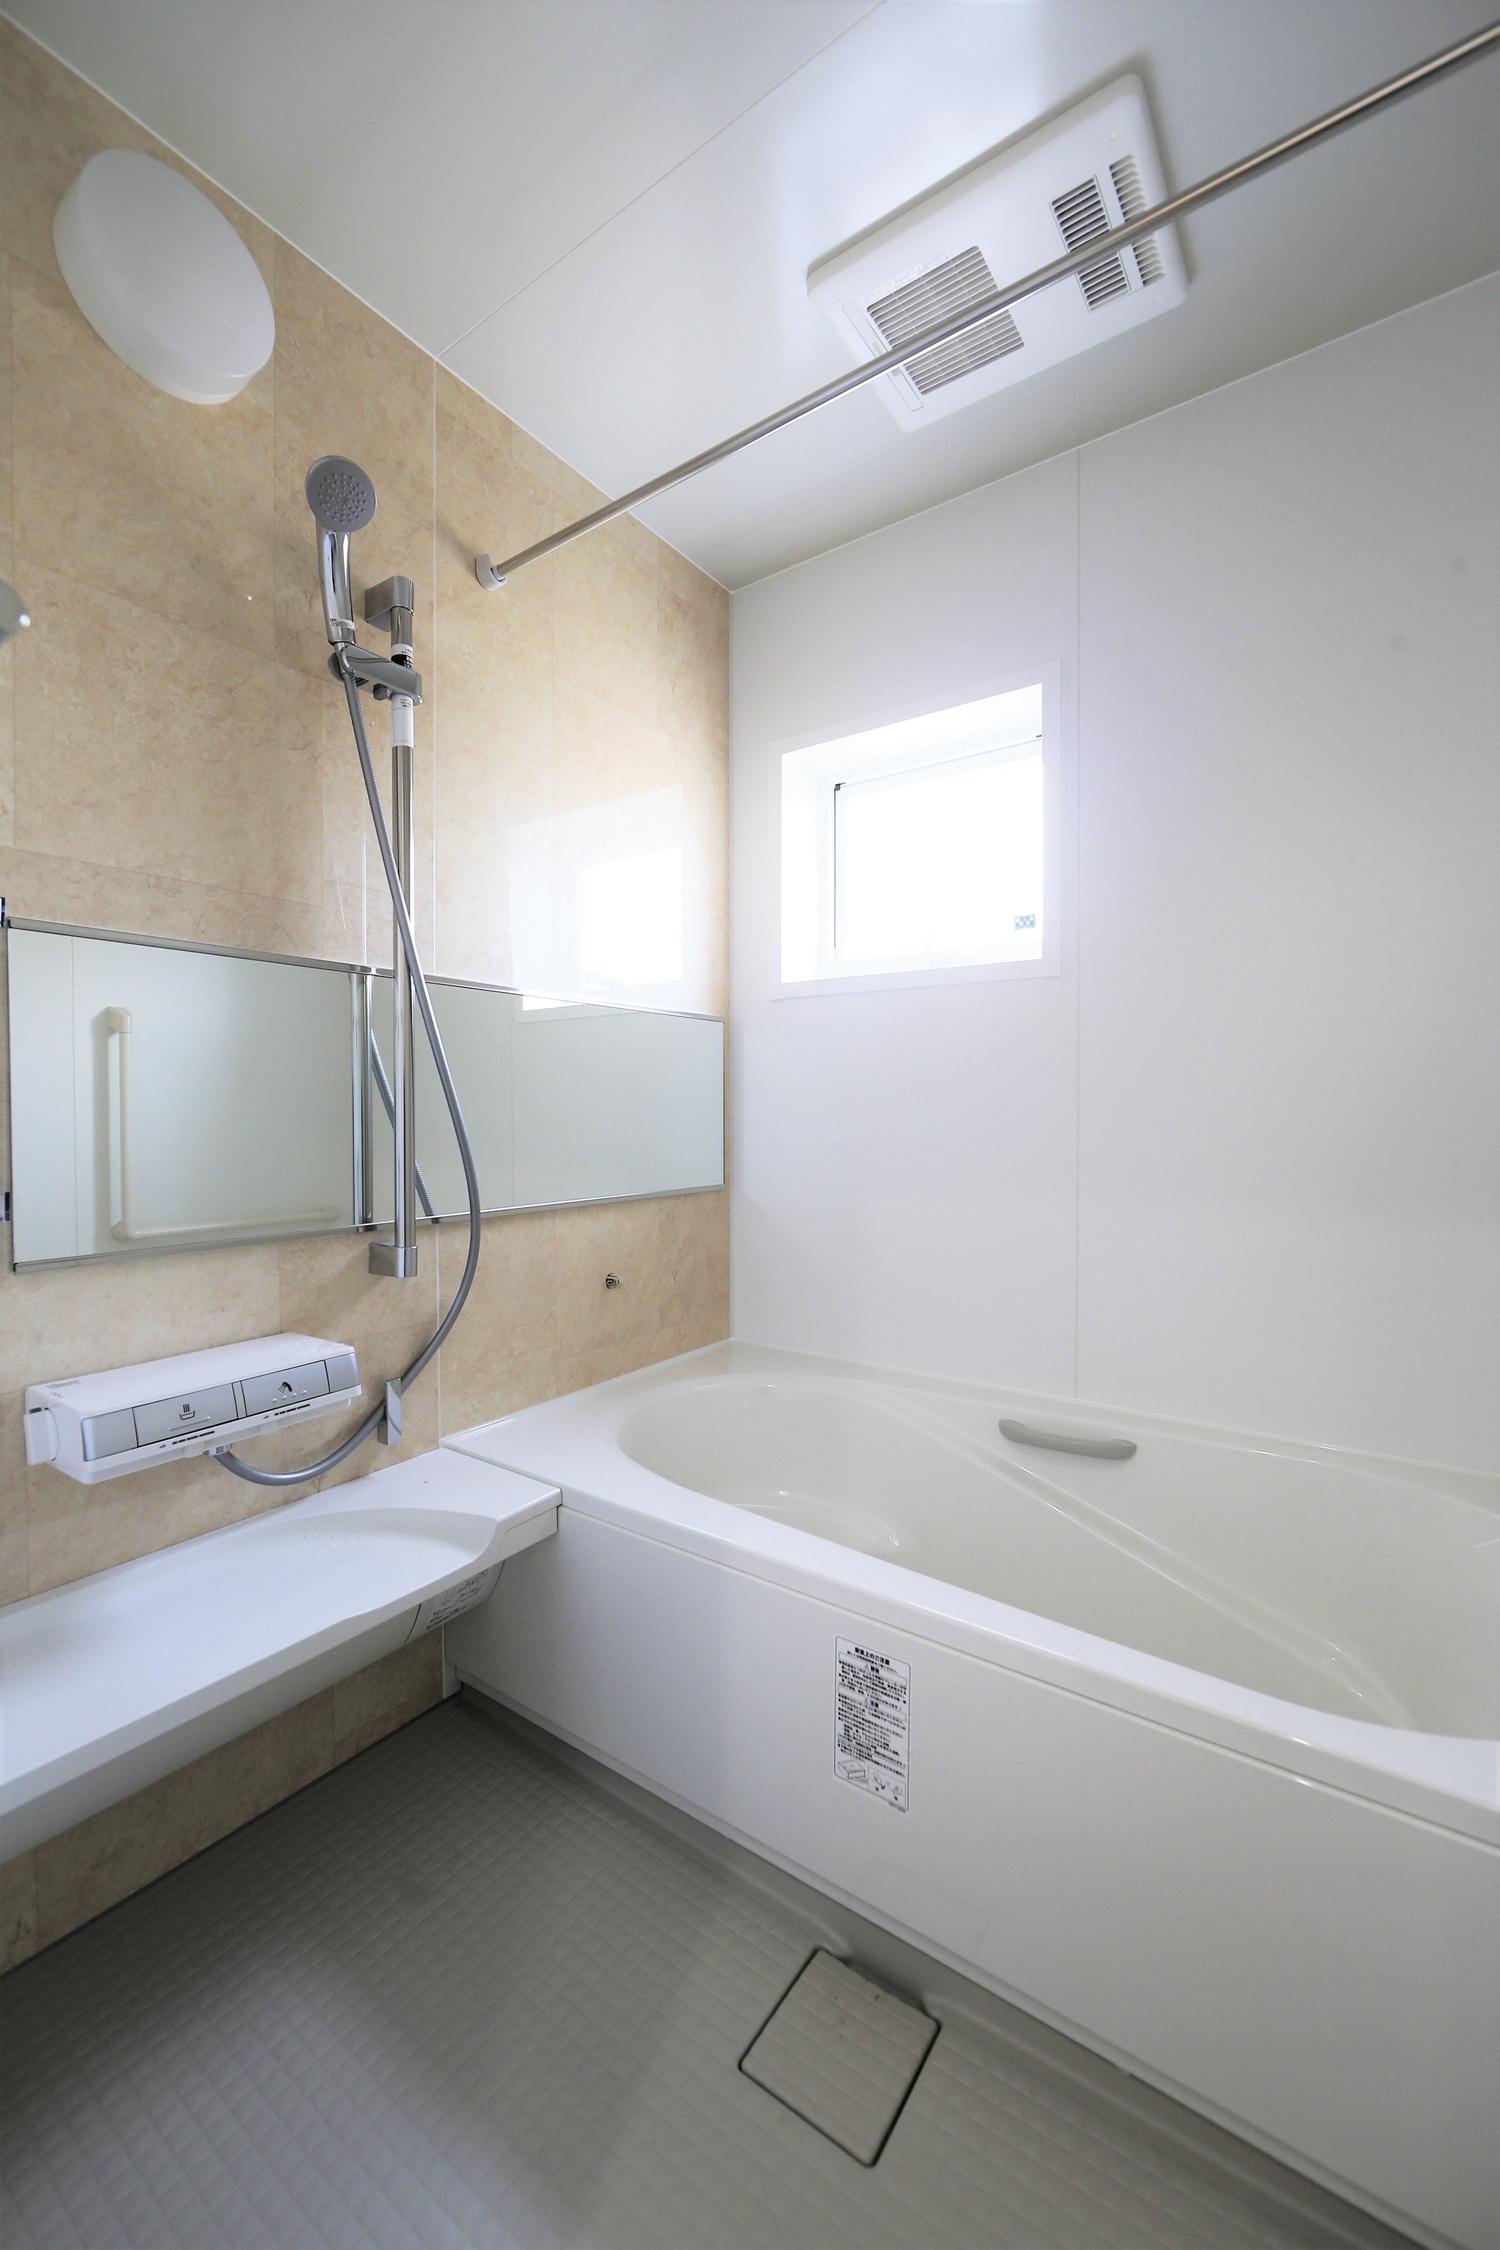 福山市の注文住宅|今井住建の施工事例ギャラリー「やっぱり白。掃除が簡単なタカラのお風呂。」